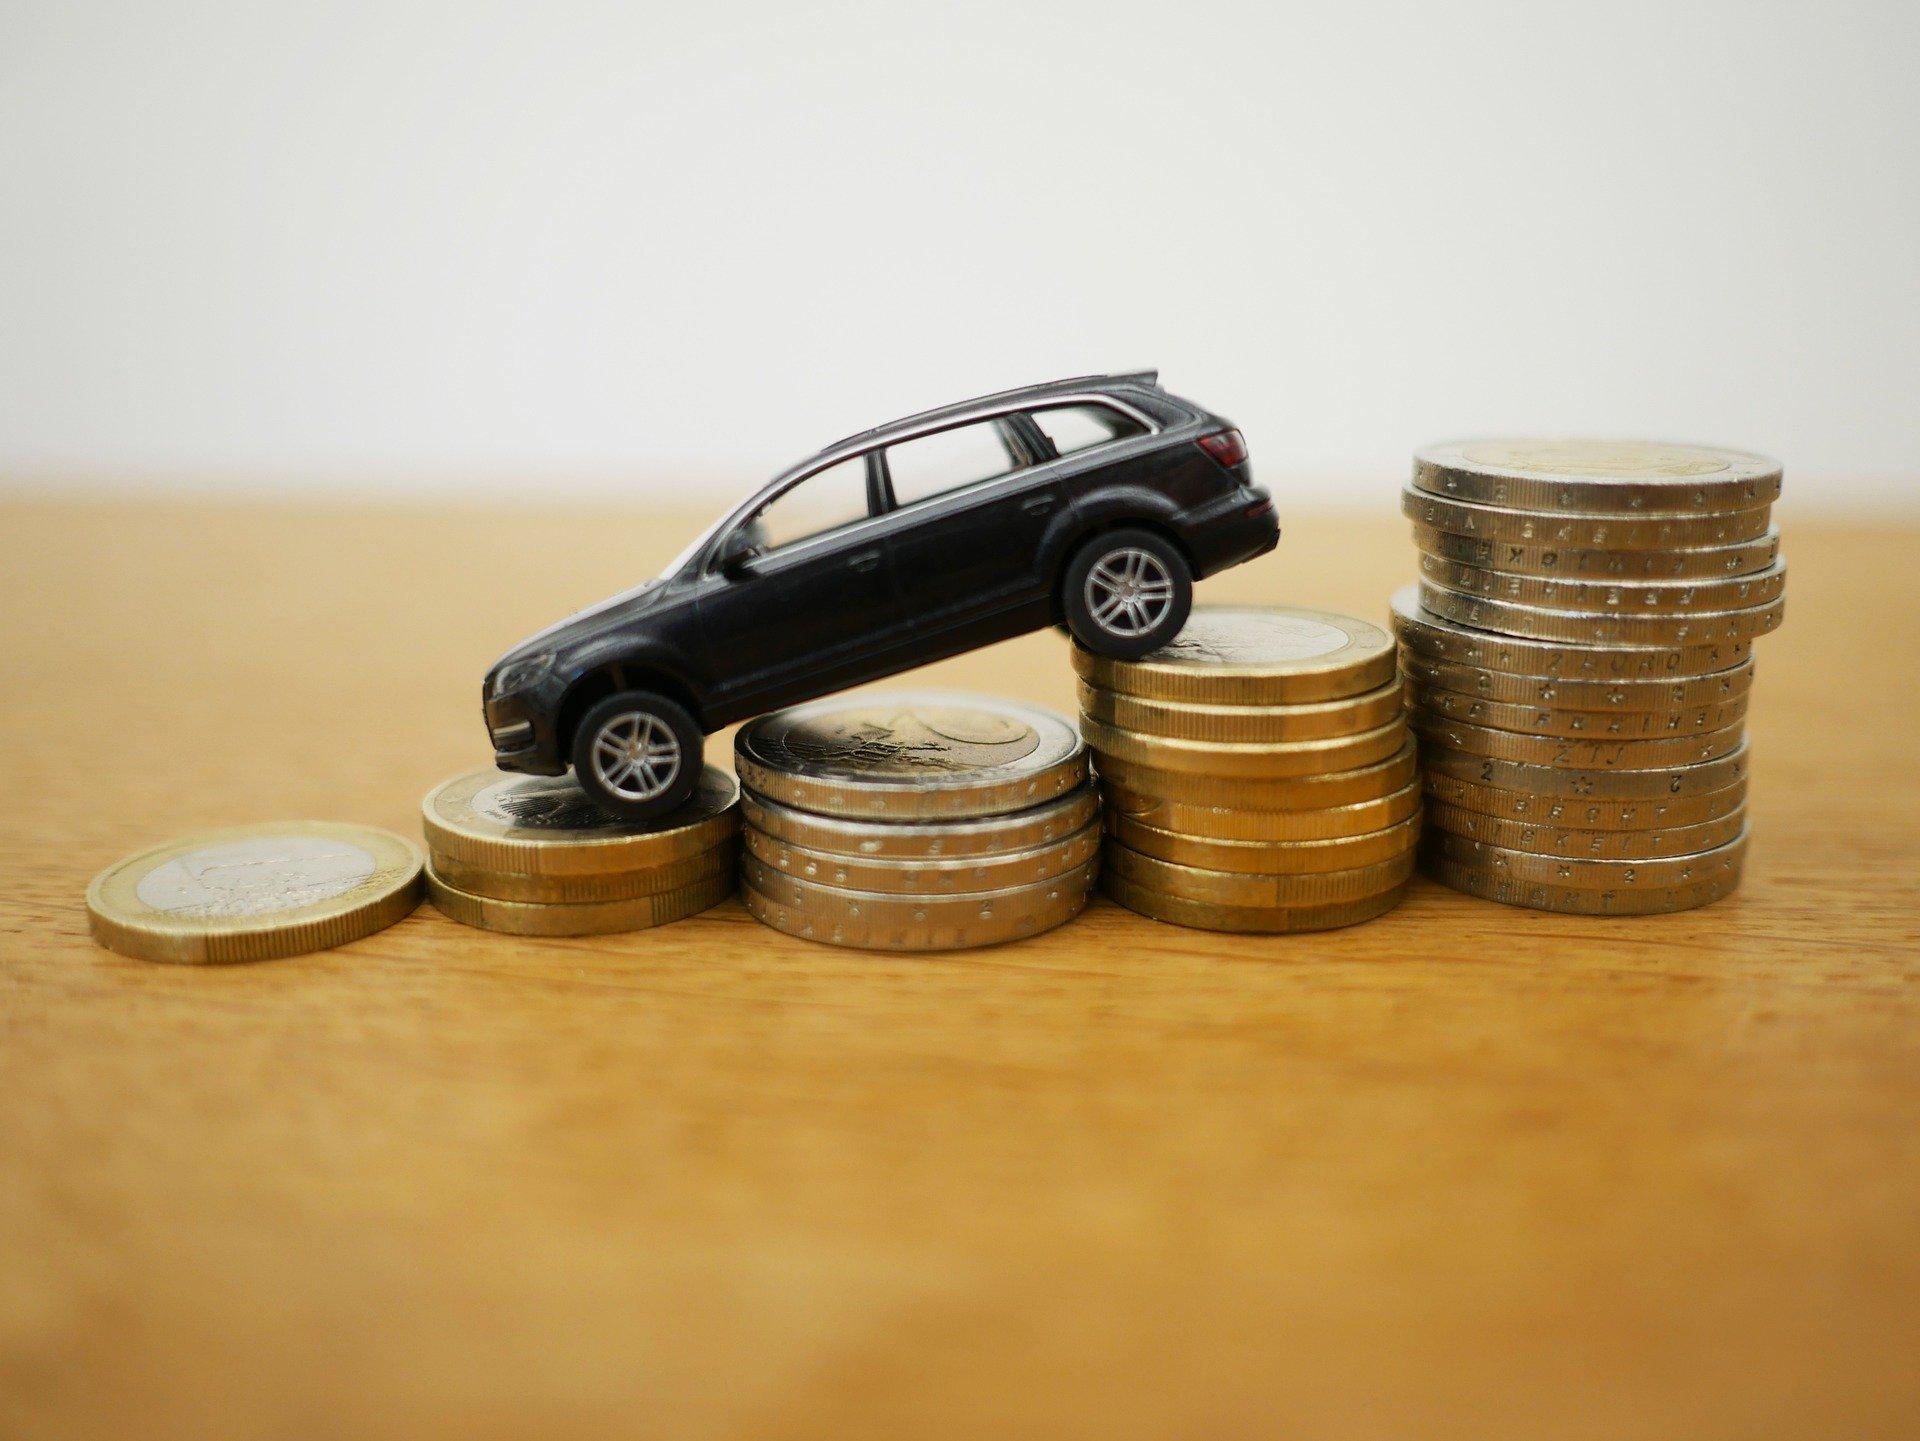 Ile kosztuje ubezpieczenie OC dla samochodu powyżej 10 lat?